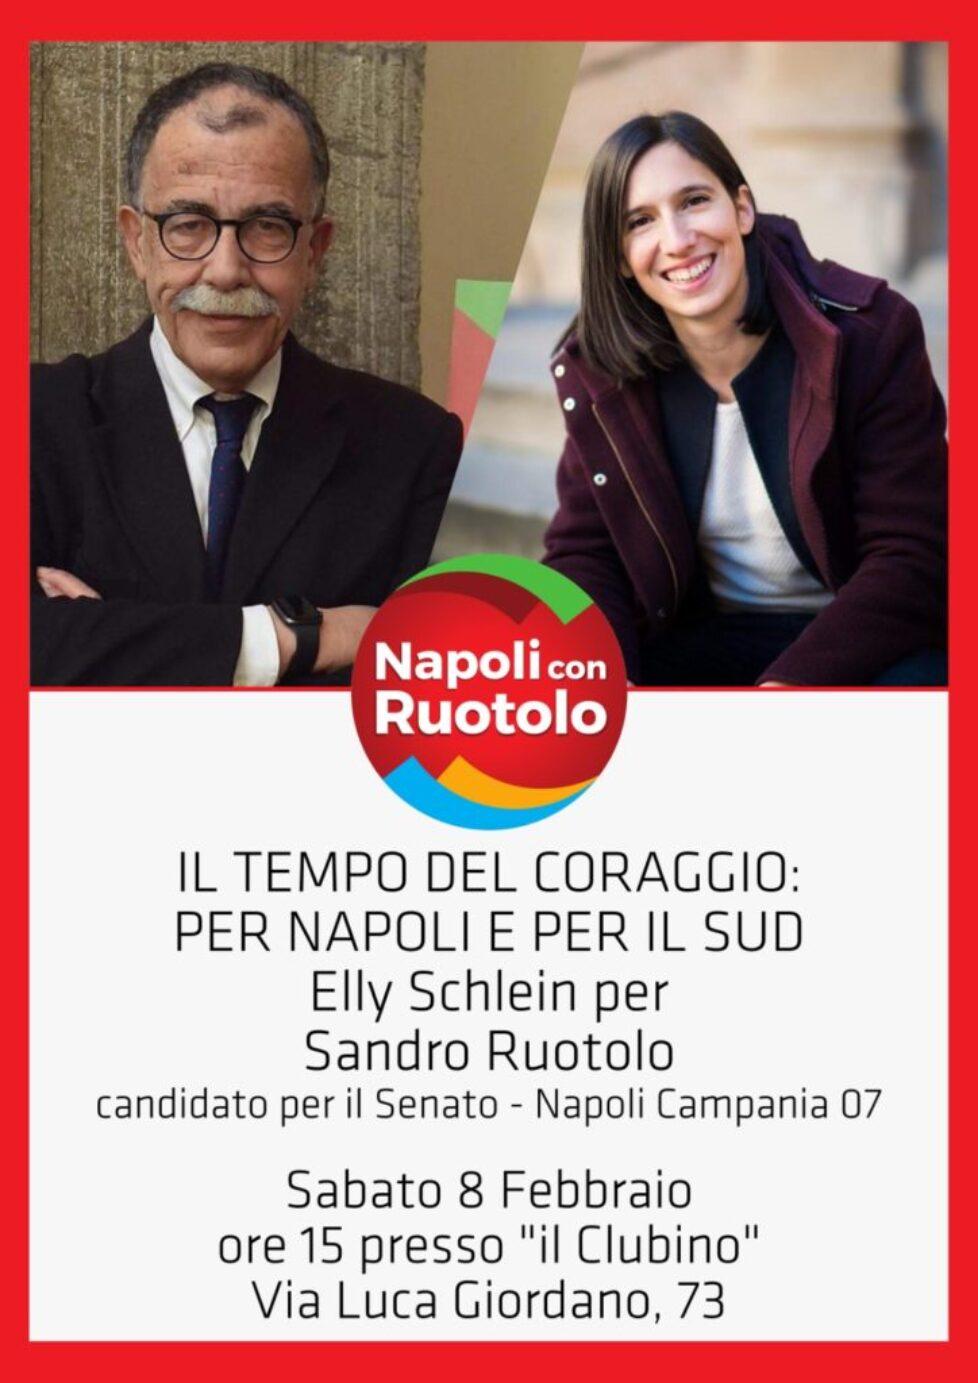 Il tempo del coraggio per Napoli e per il Sud. Elly Schlein per Sandro Ruotolo